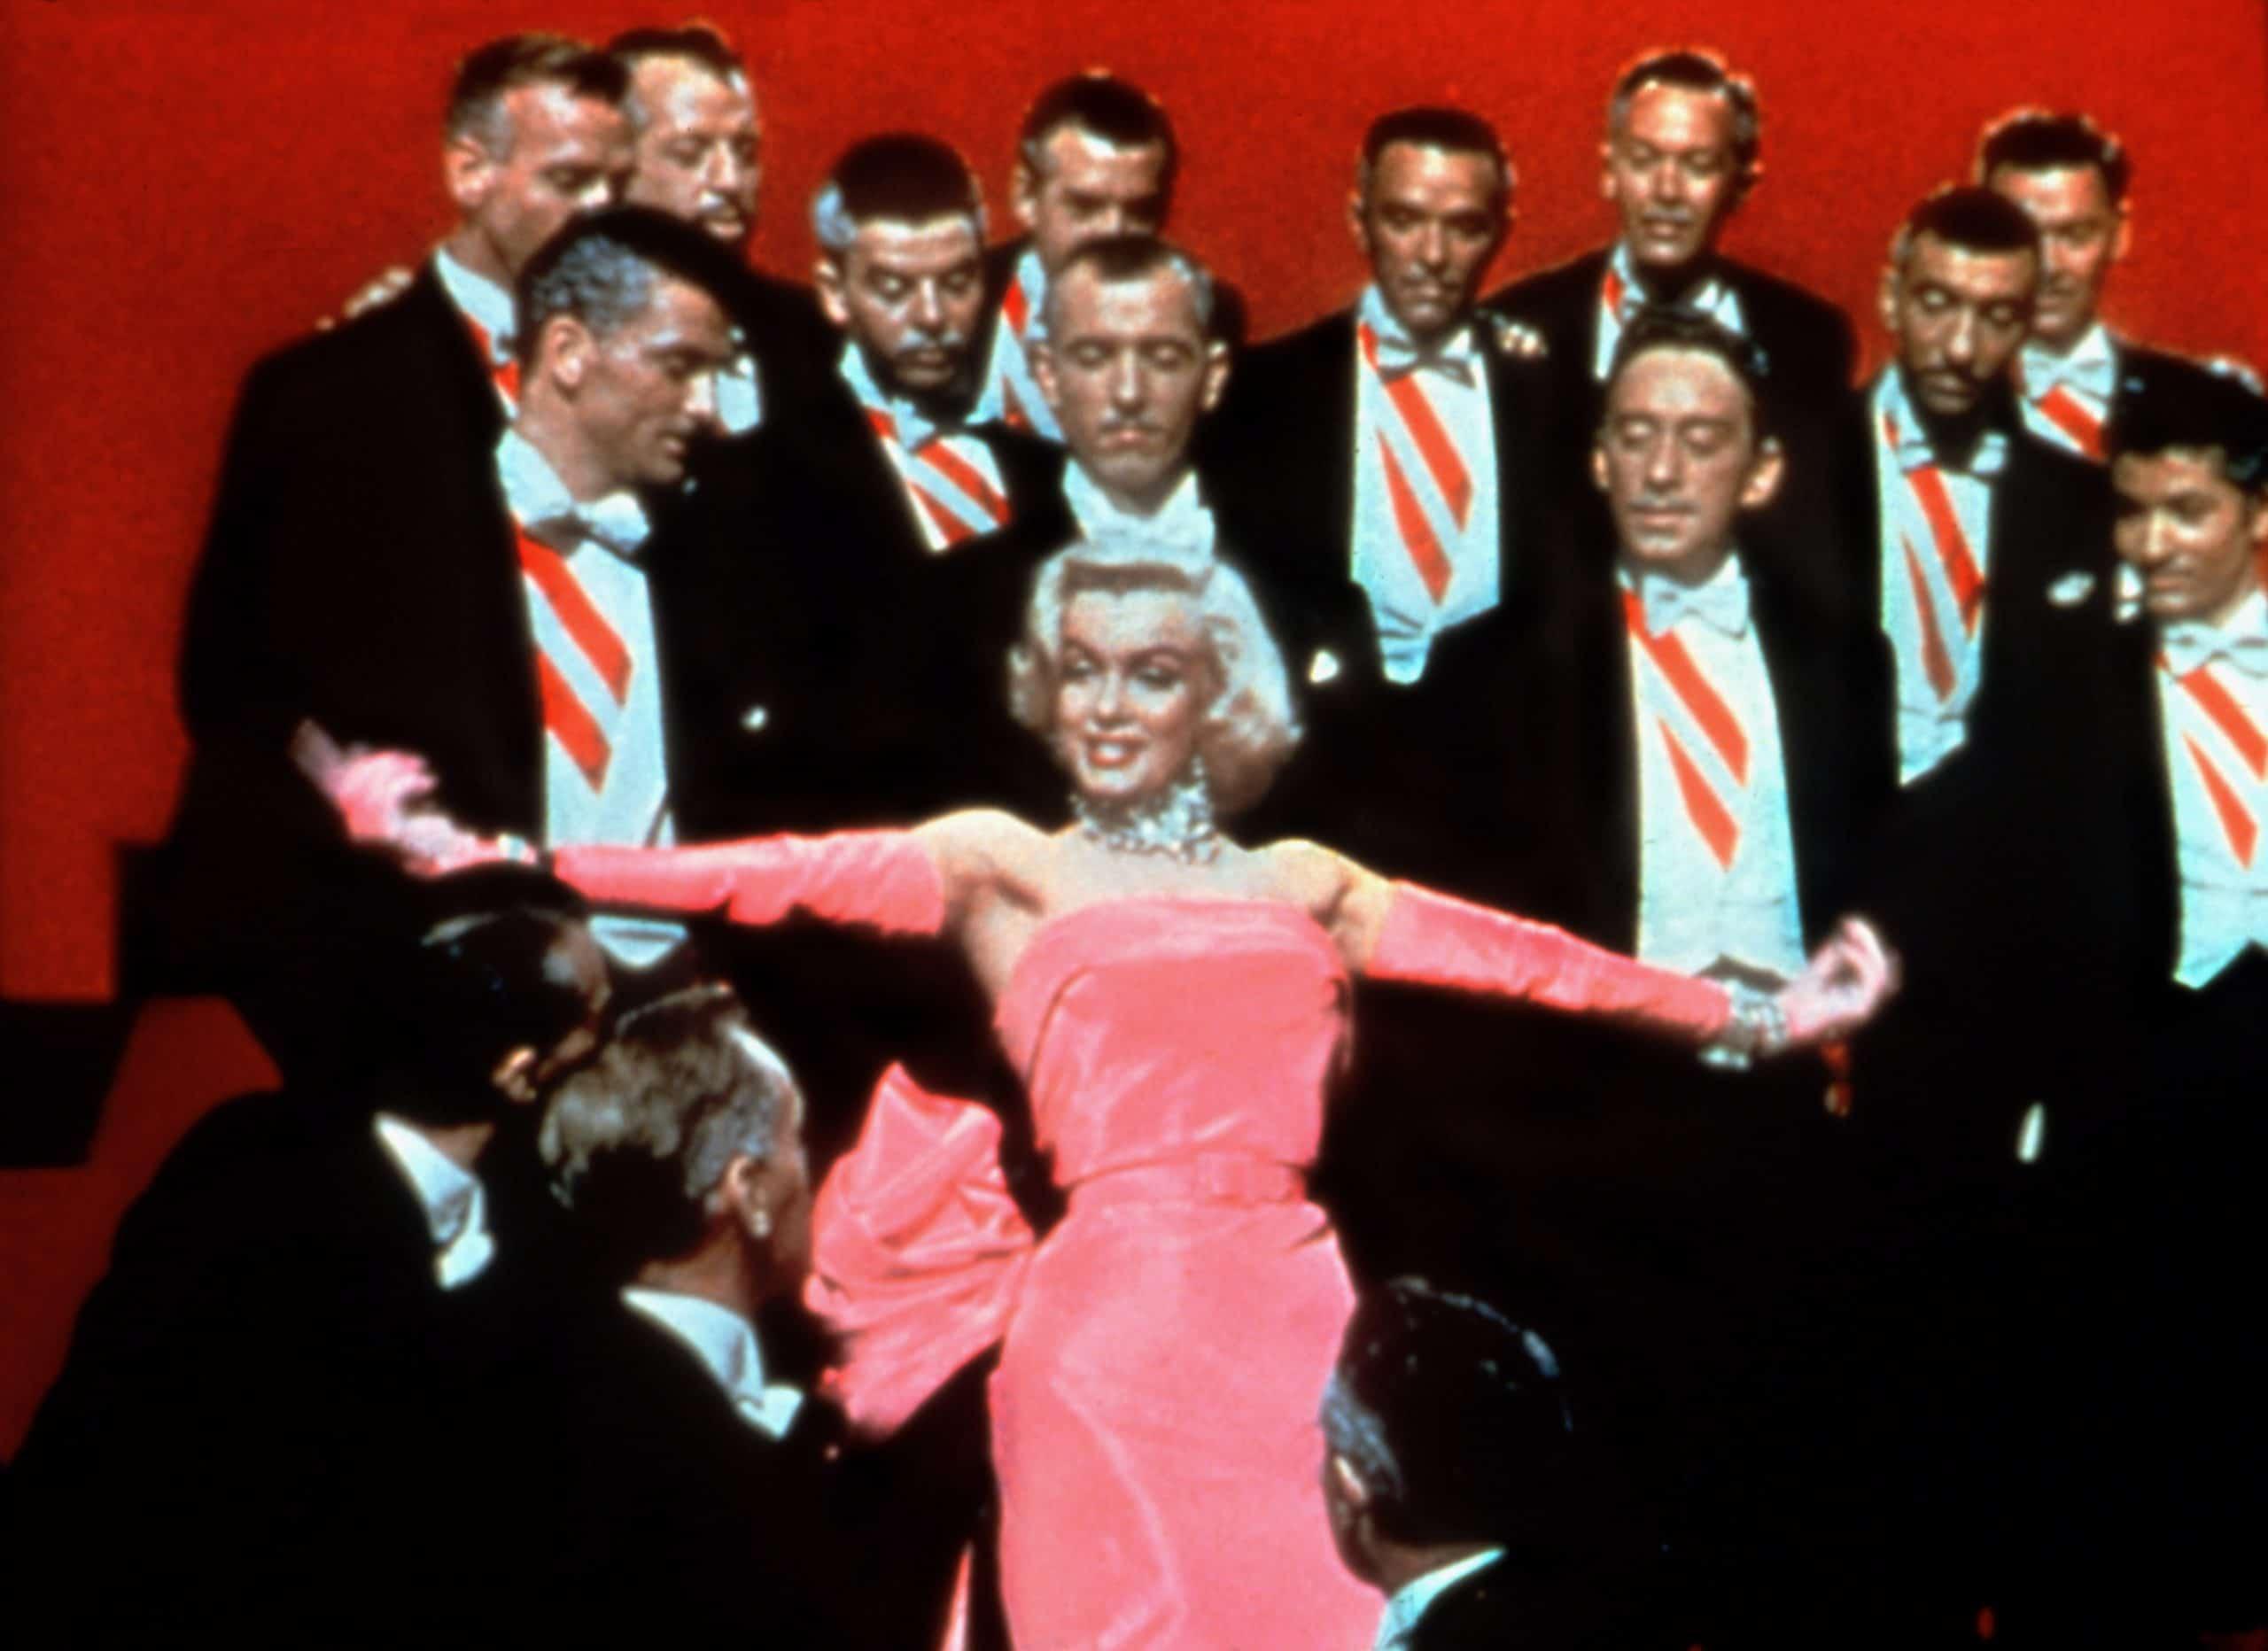 GENTLEMEN PREFER BLONDES, Marilyn Monroe, George Chakiris